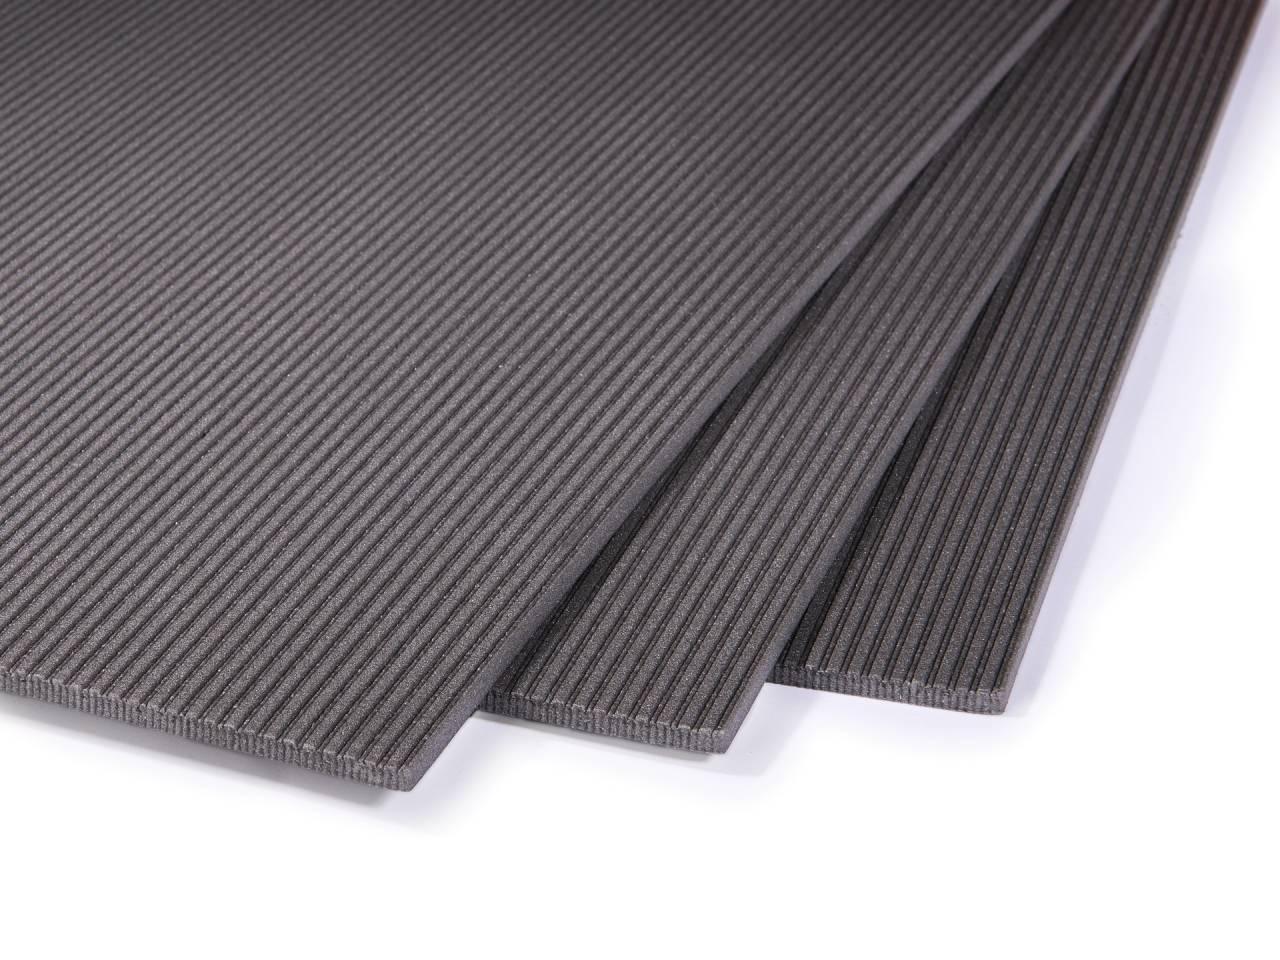 Топлоизолираща фибранова подложка за ламинат и винил с дебелина 5 мм